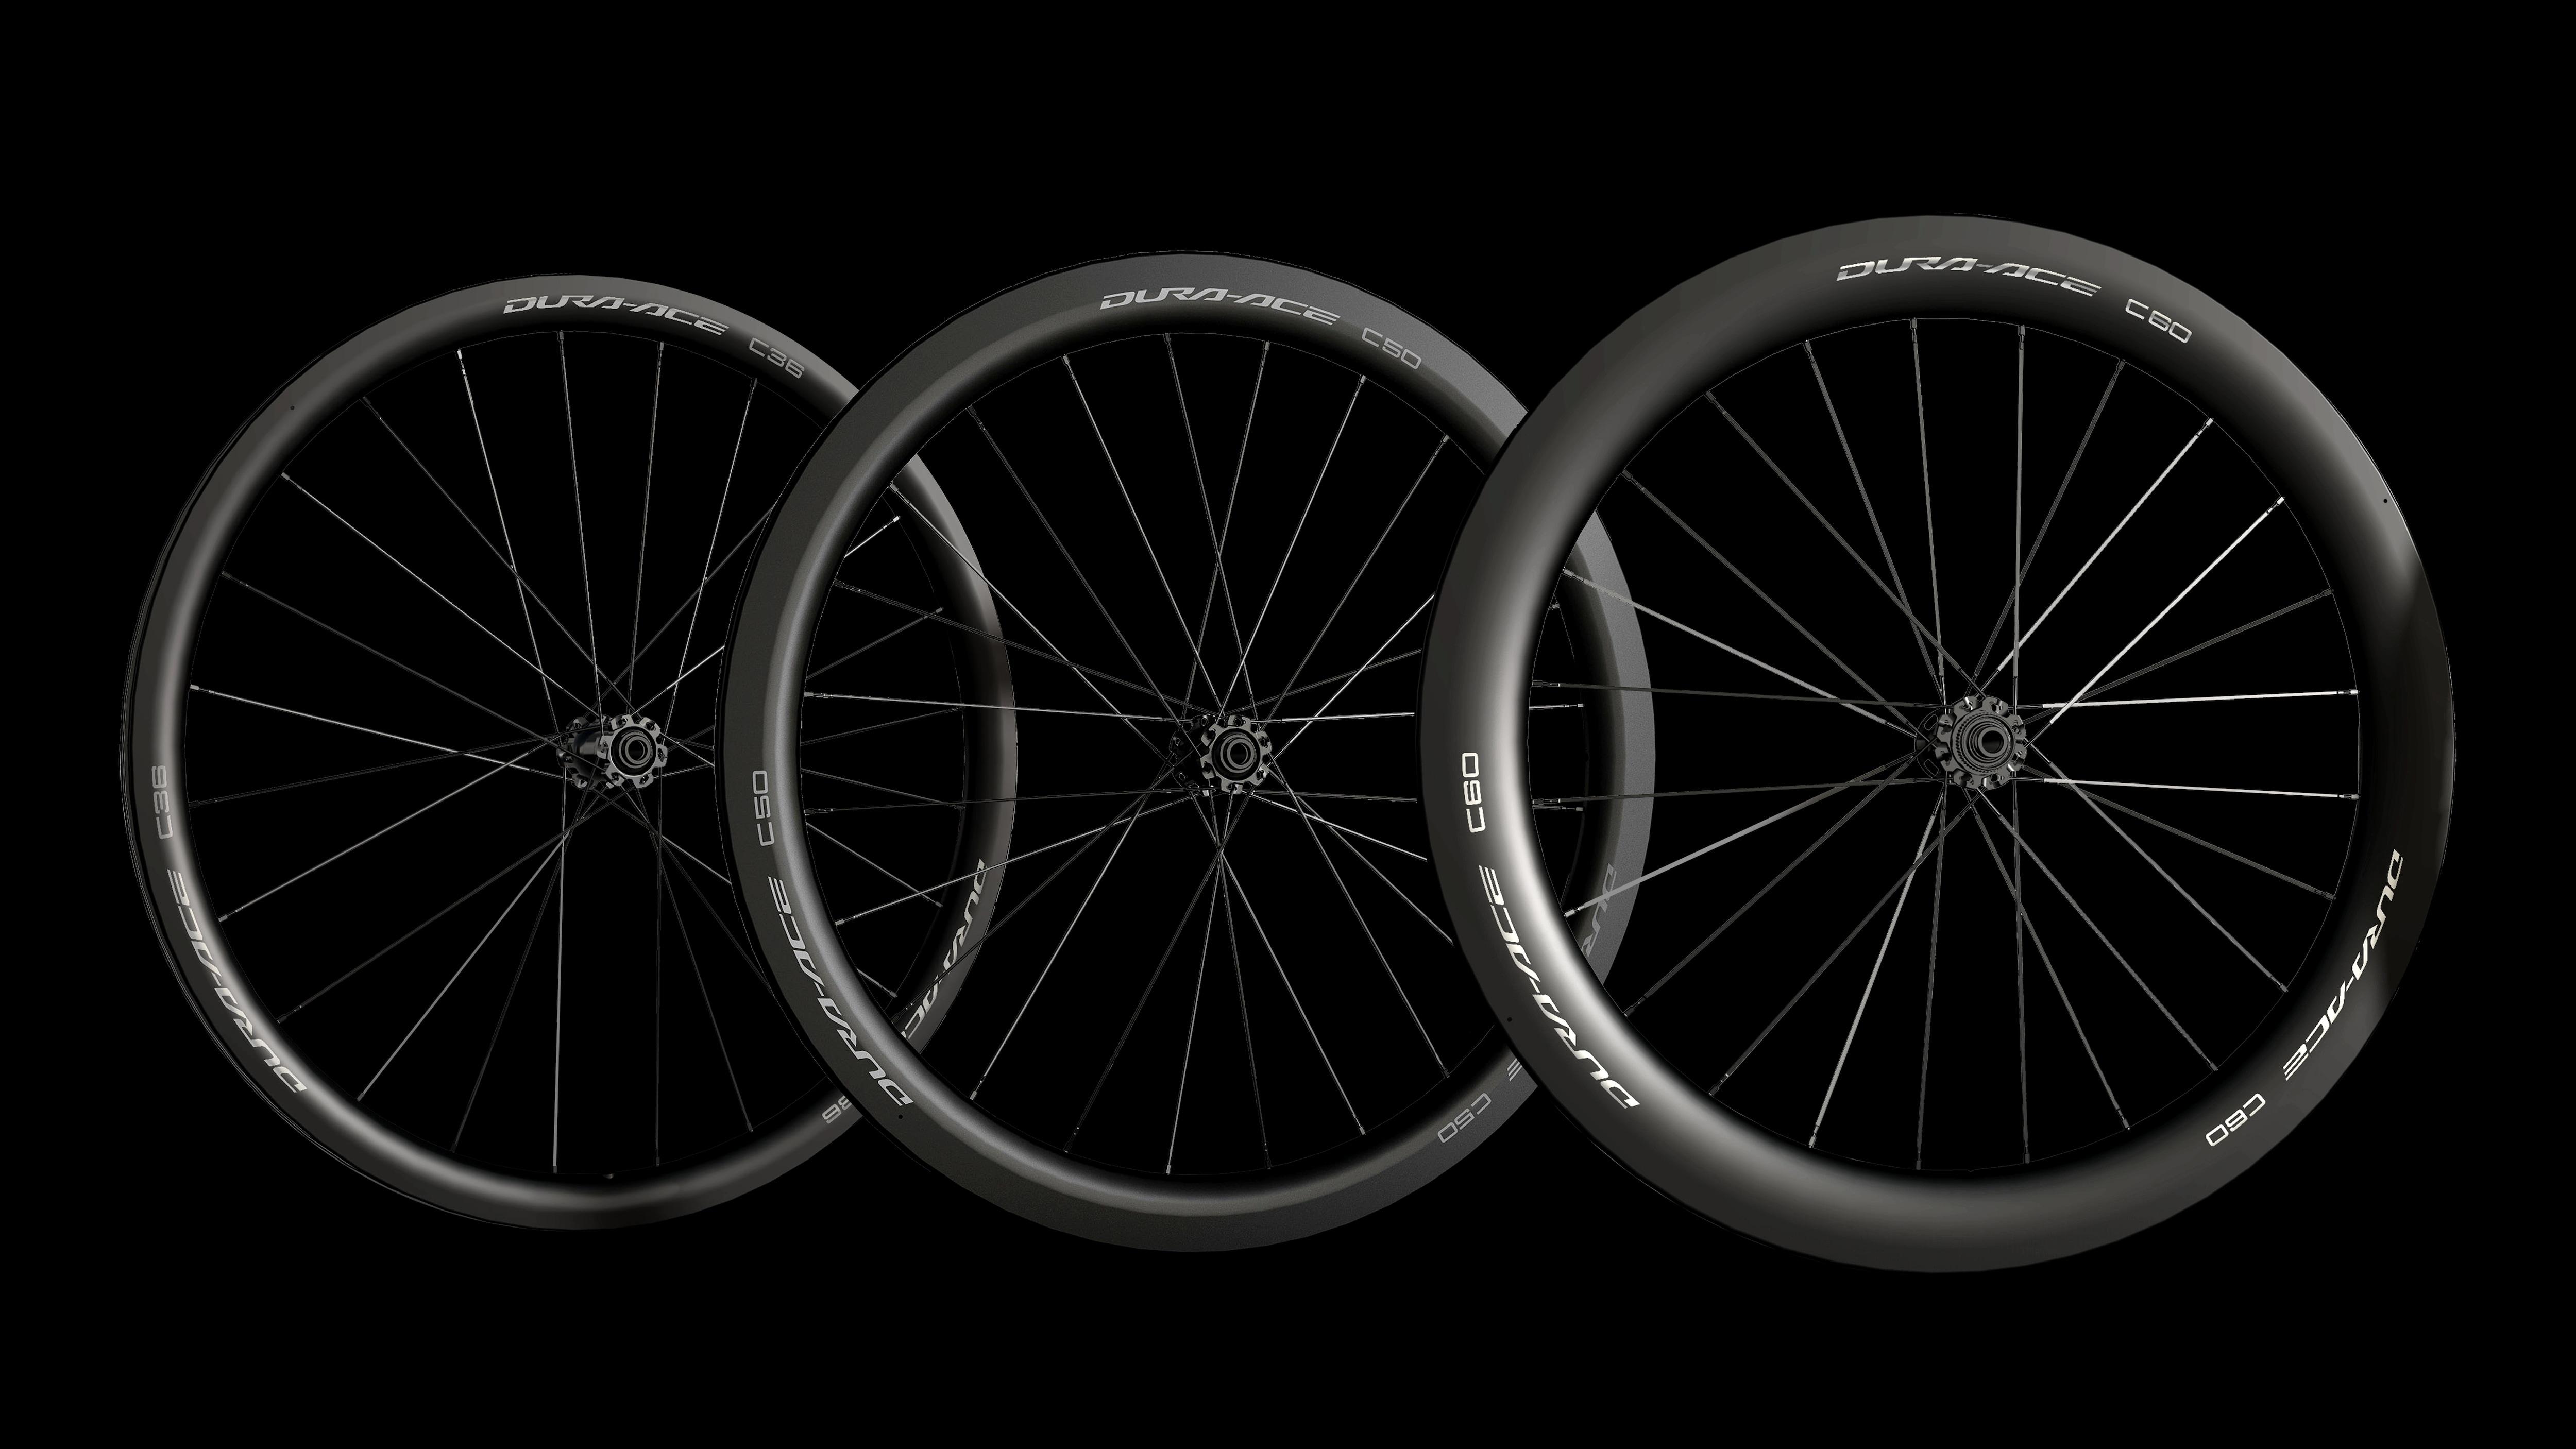 Shimao DURA-ACE Шосейні велосипеди з колісною парою